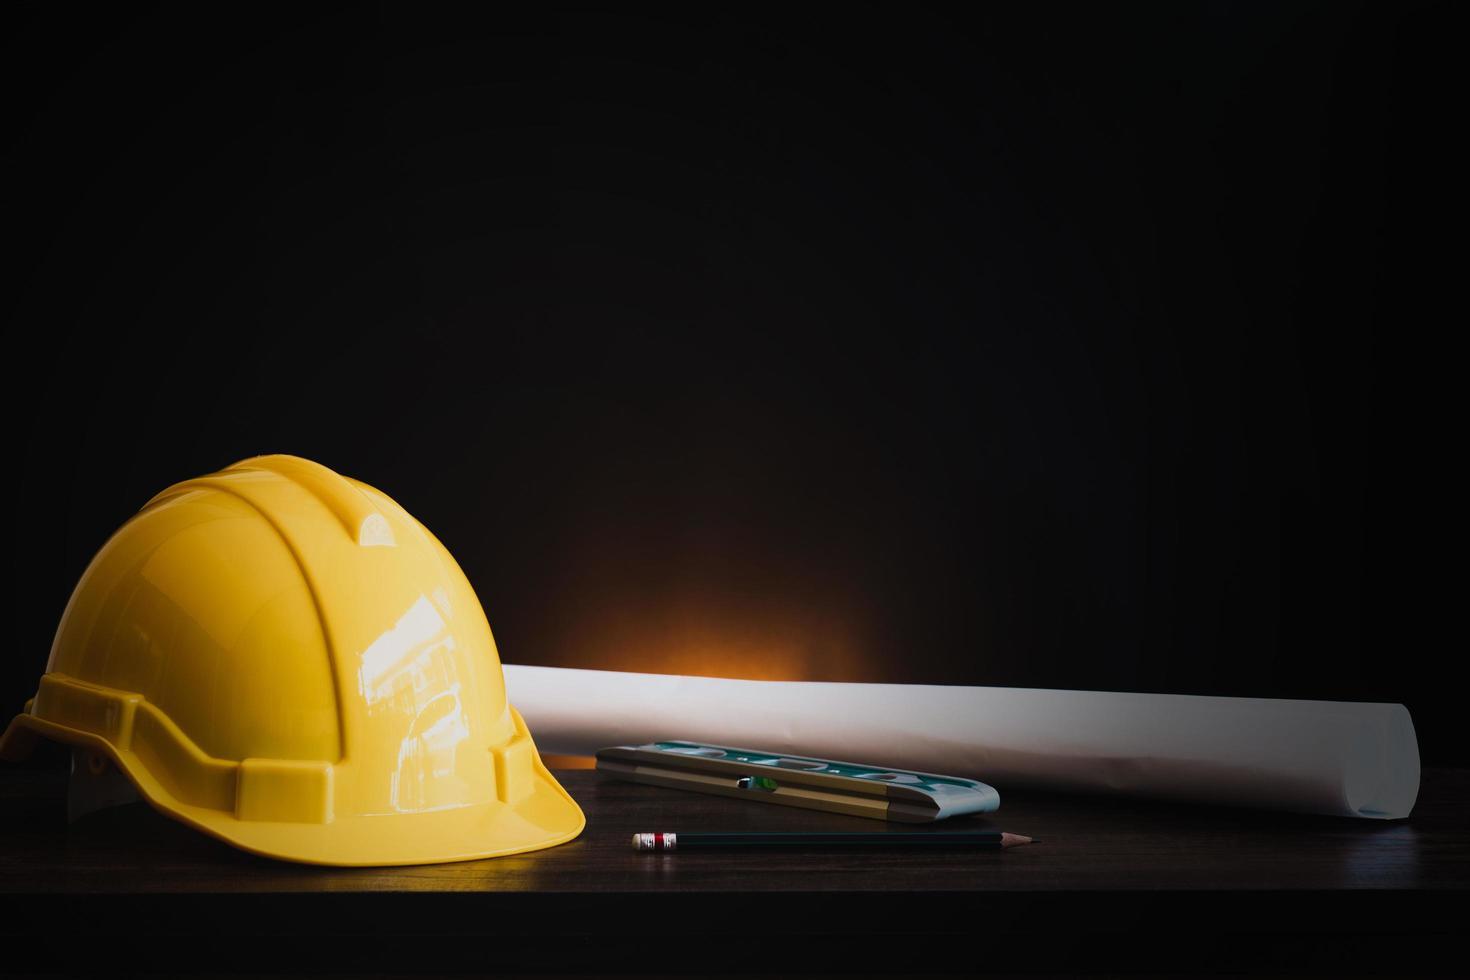 Ingenieurwerkzeuge mit Helm foto